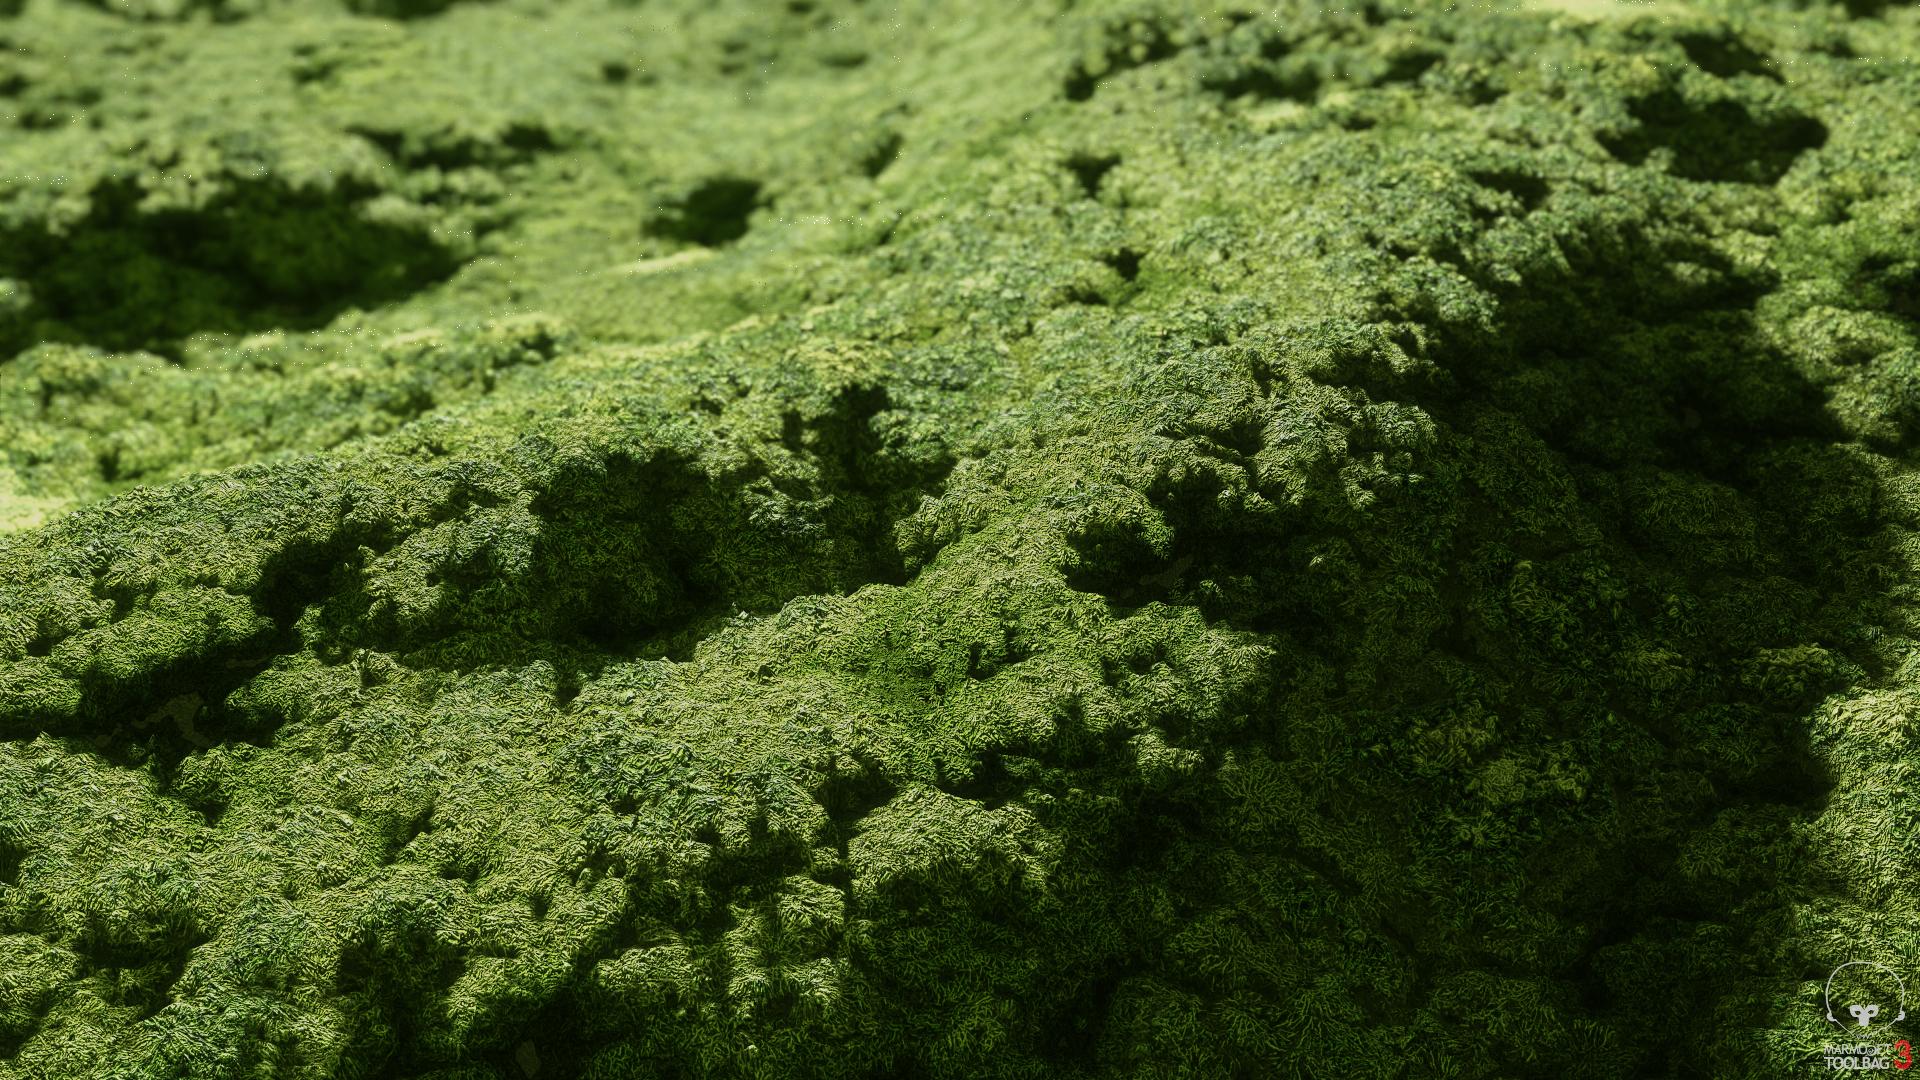 MossGeneric_02_Applied_Wide.jpg